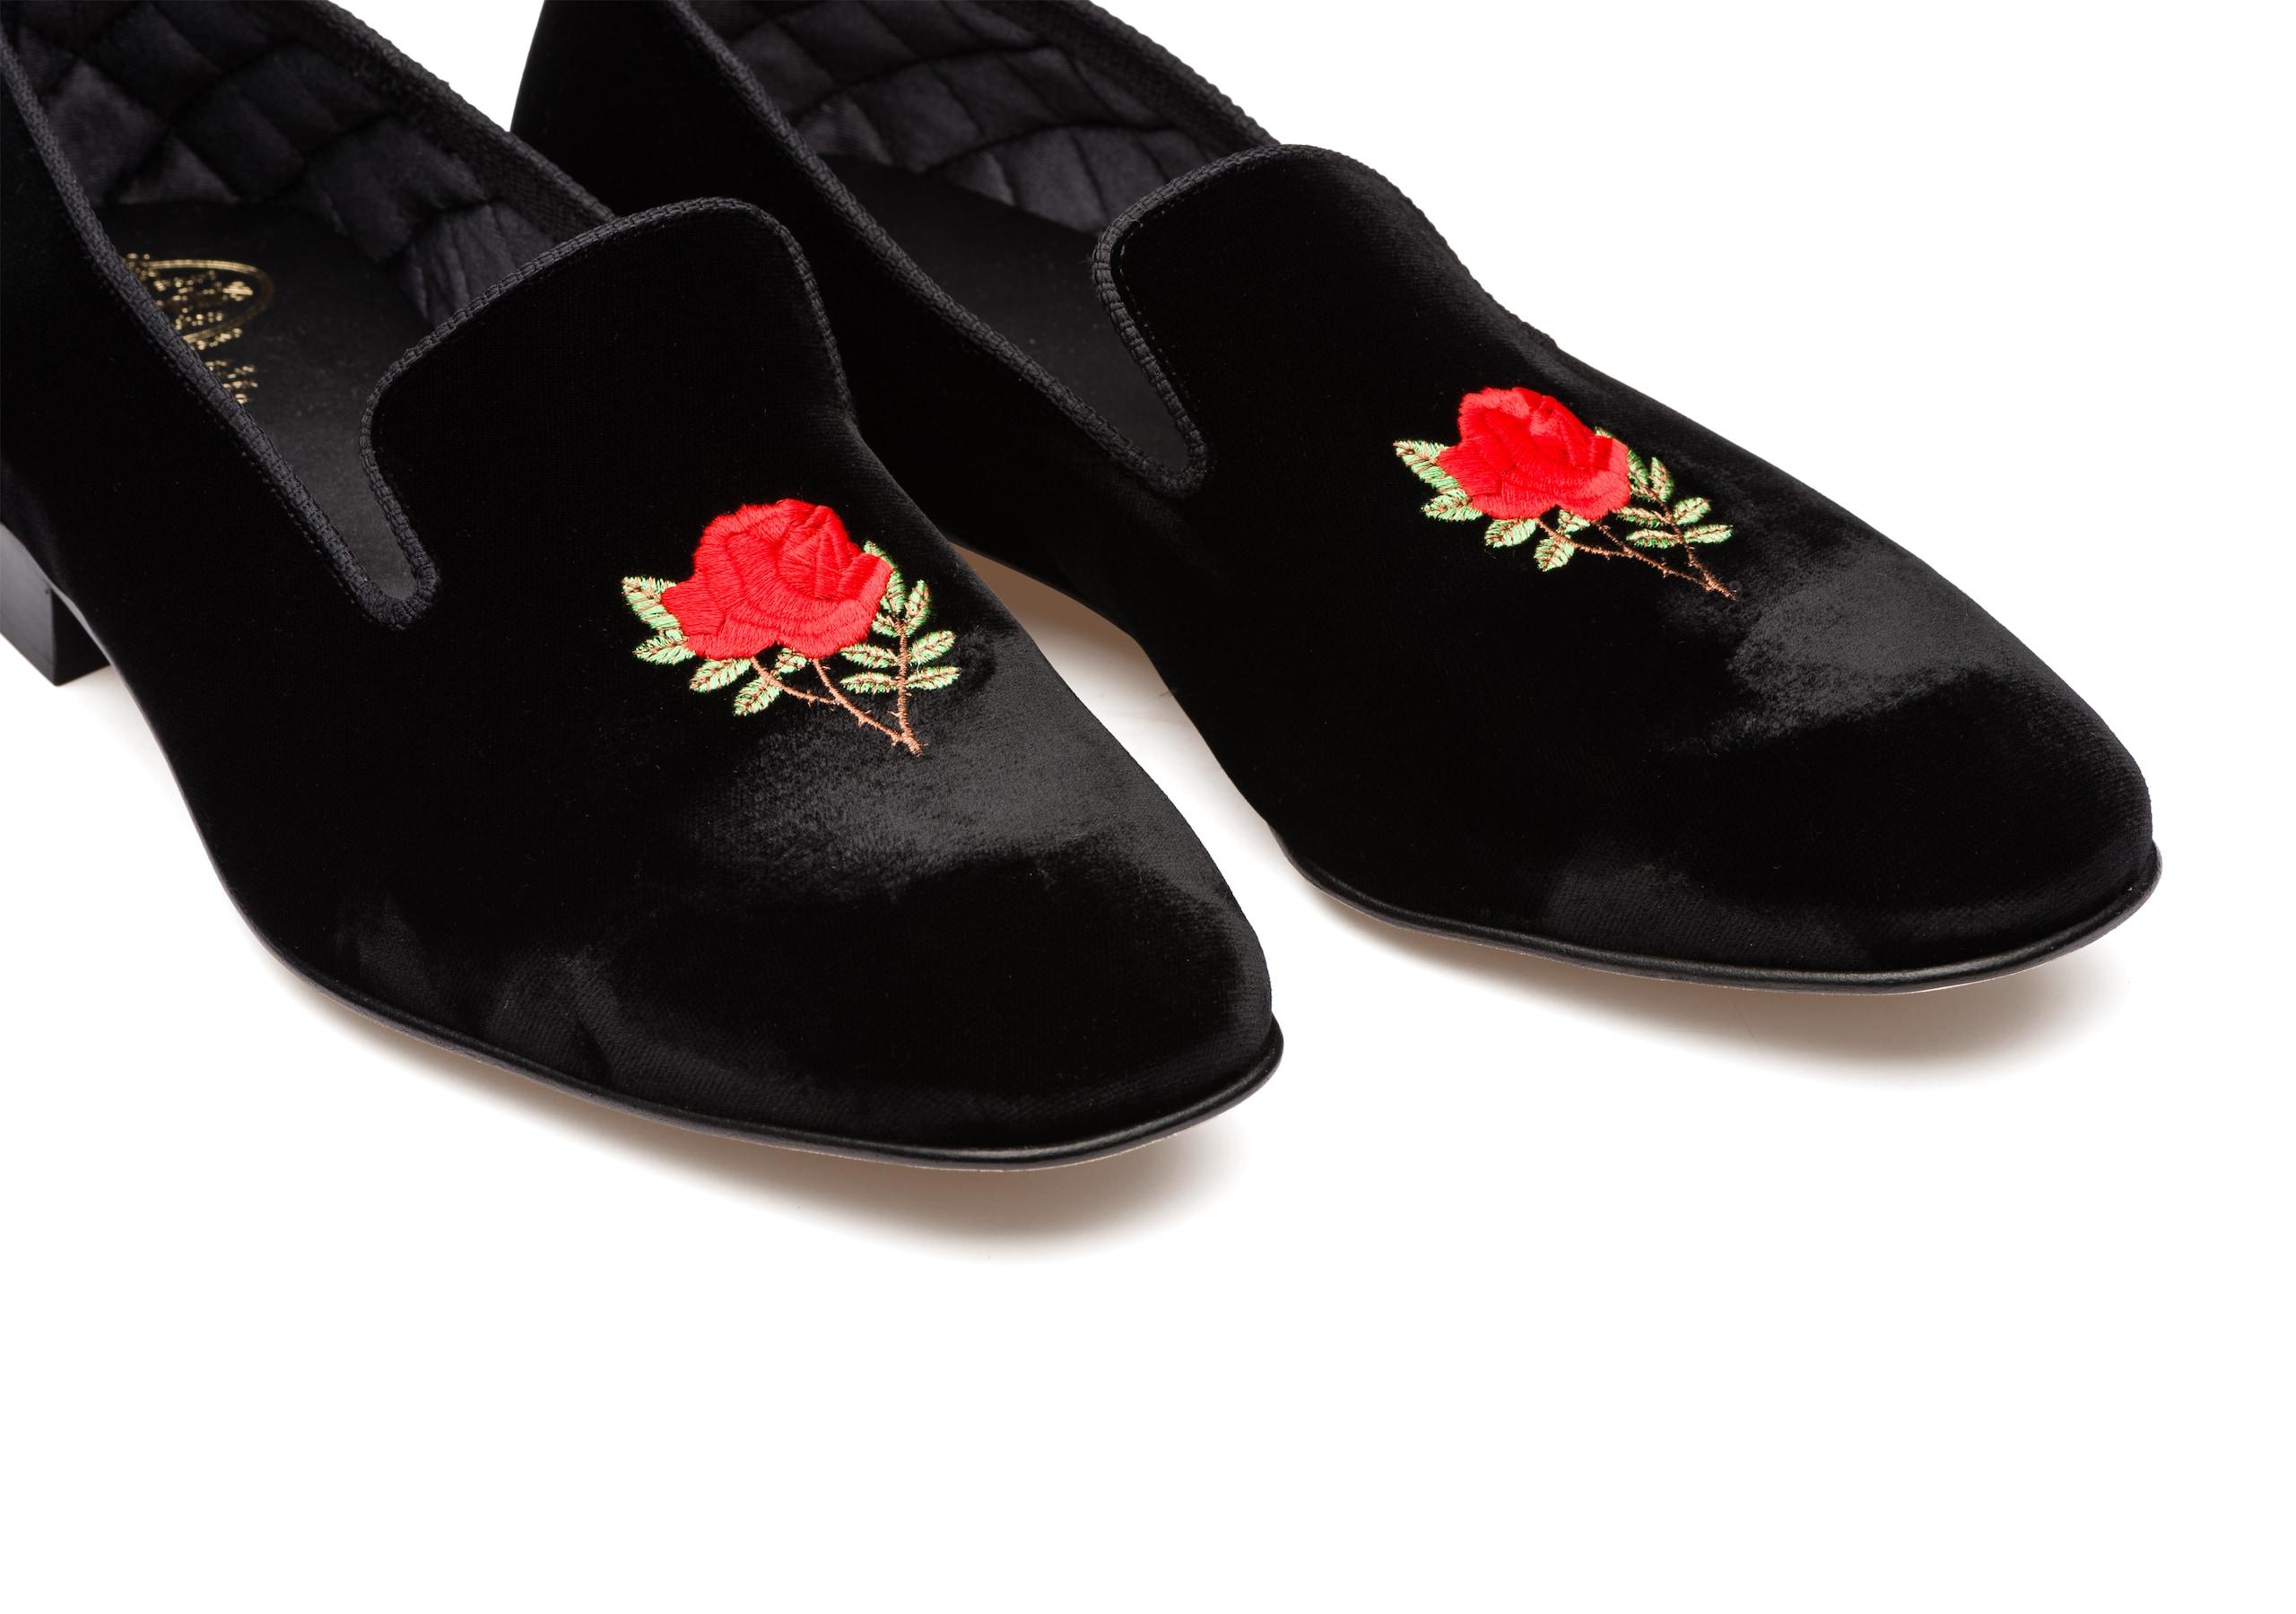 Sovereign rose Church's Velvet Rose Loafer Black